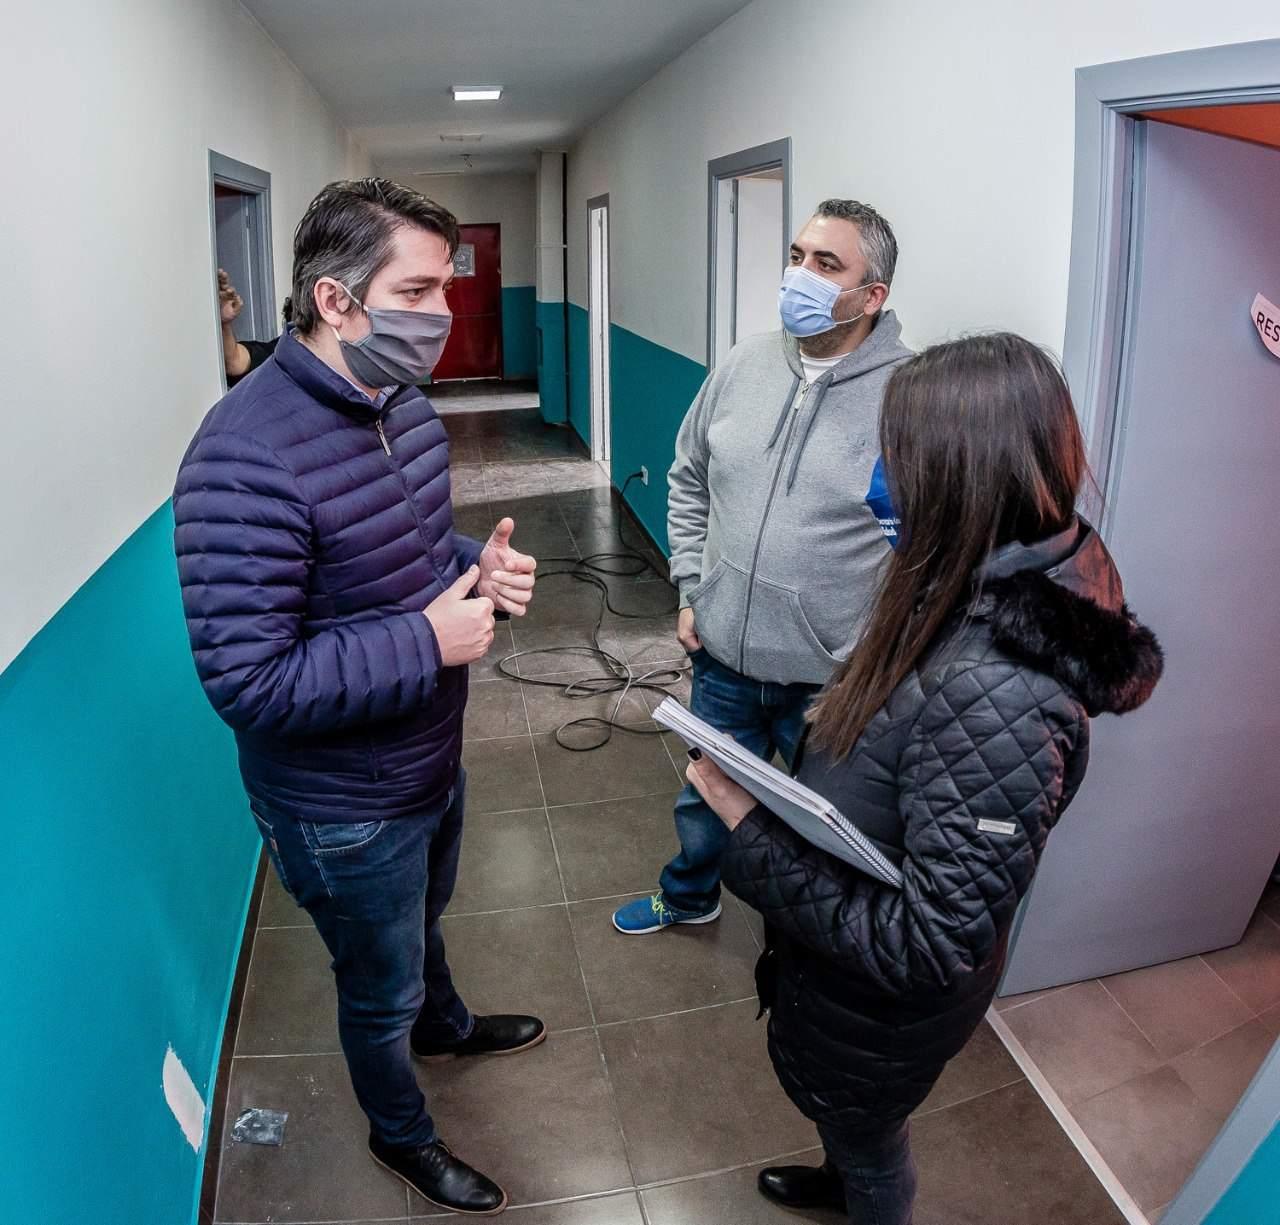 Acondicionan también el albergue municipal para recibir pacientes Covid-19 con síntomas leves